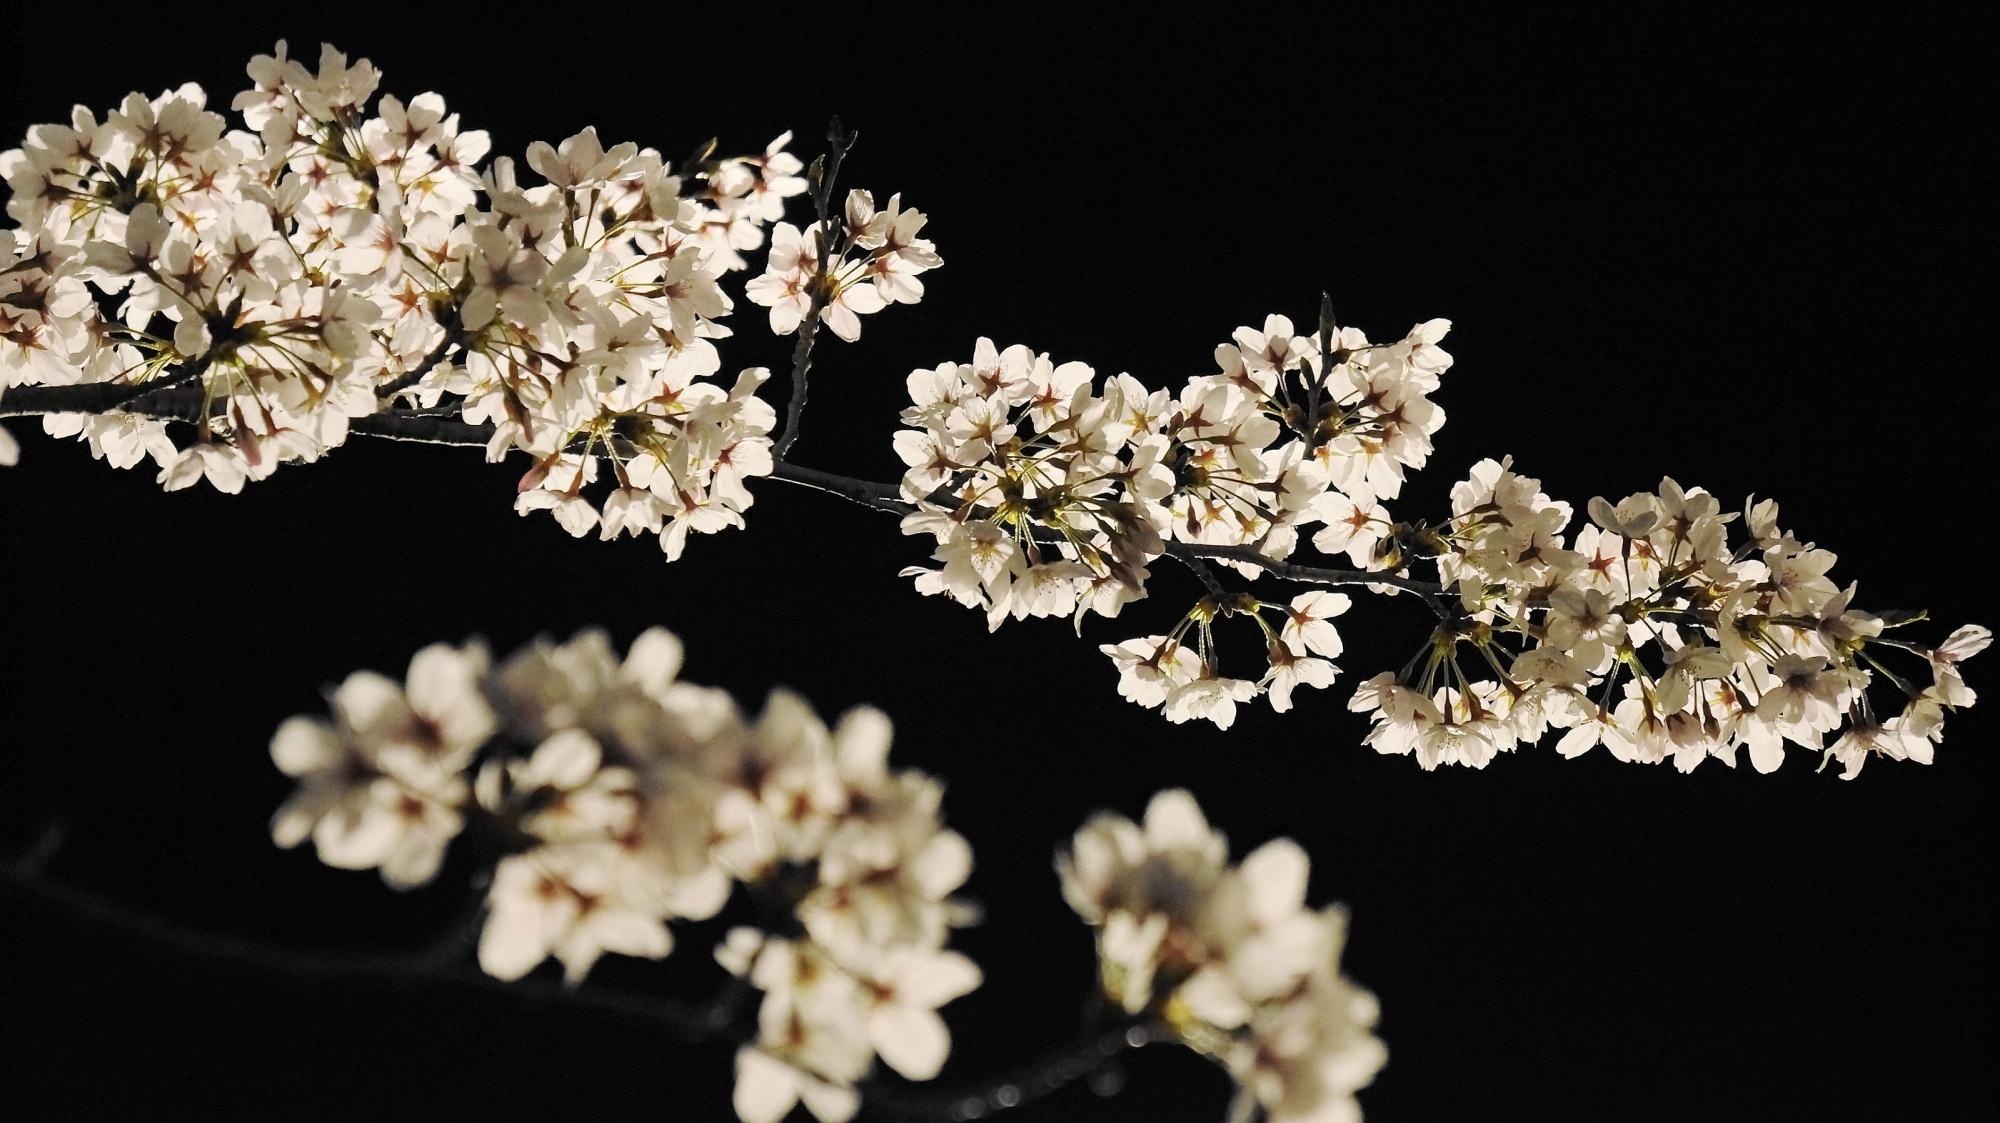 桜の名所の岡崎疏水の幻想的な夜桜ライトアップ